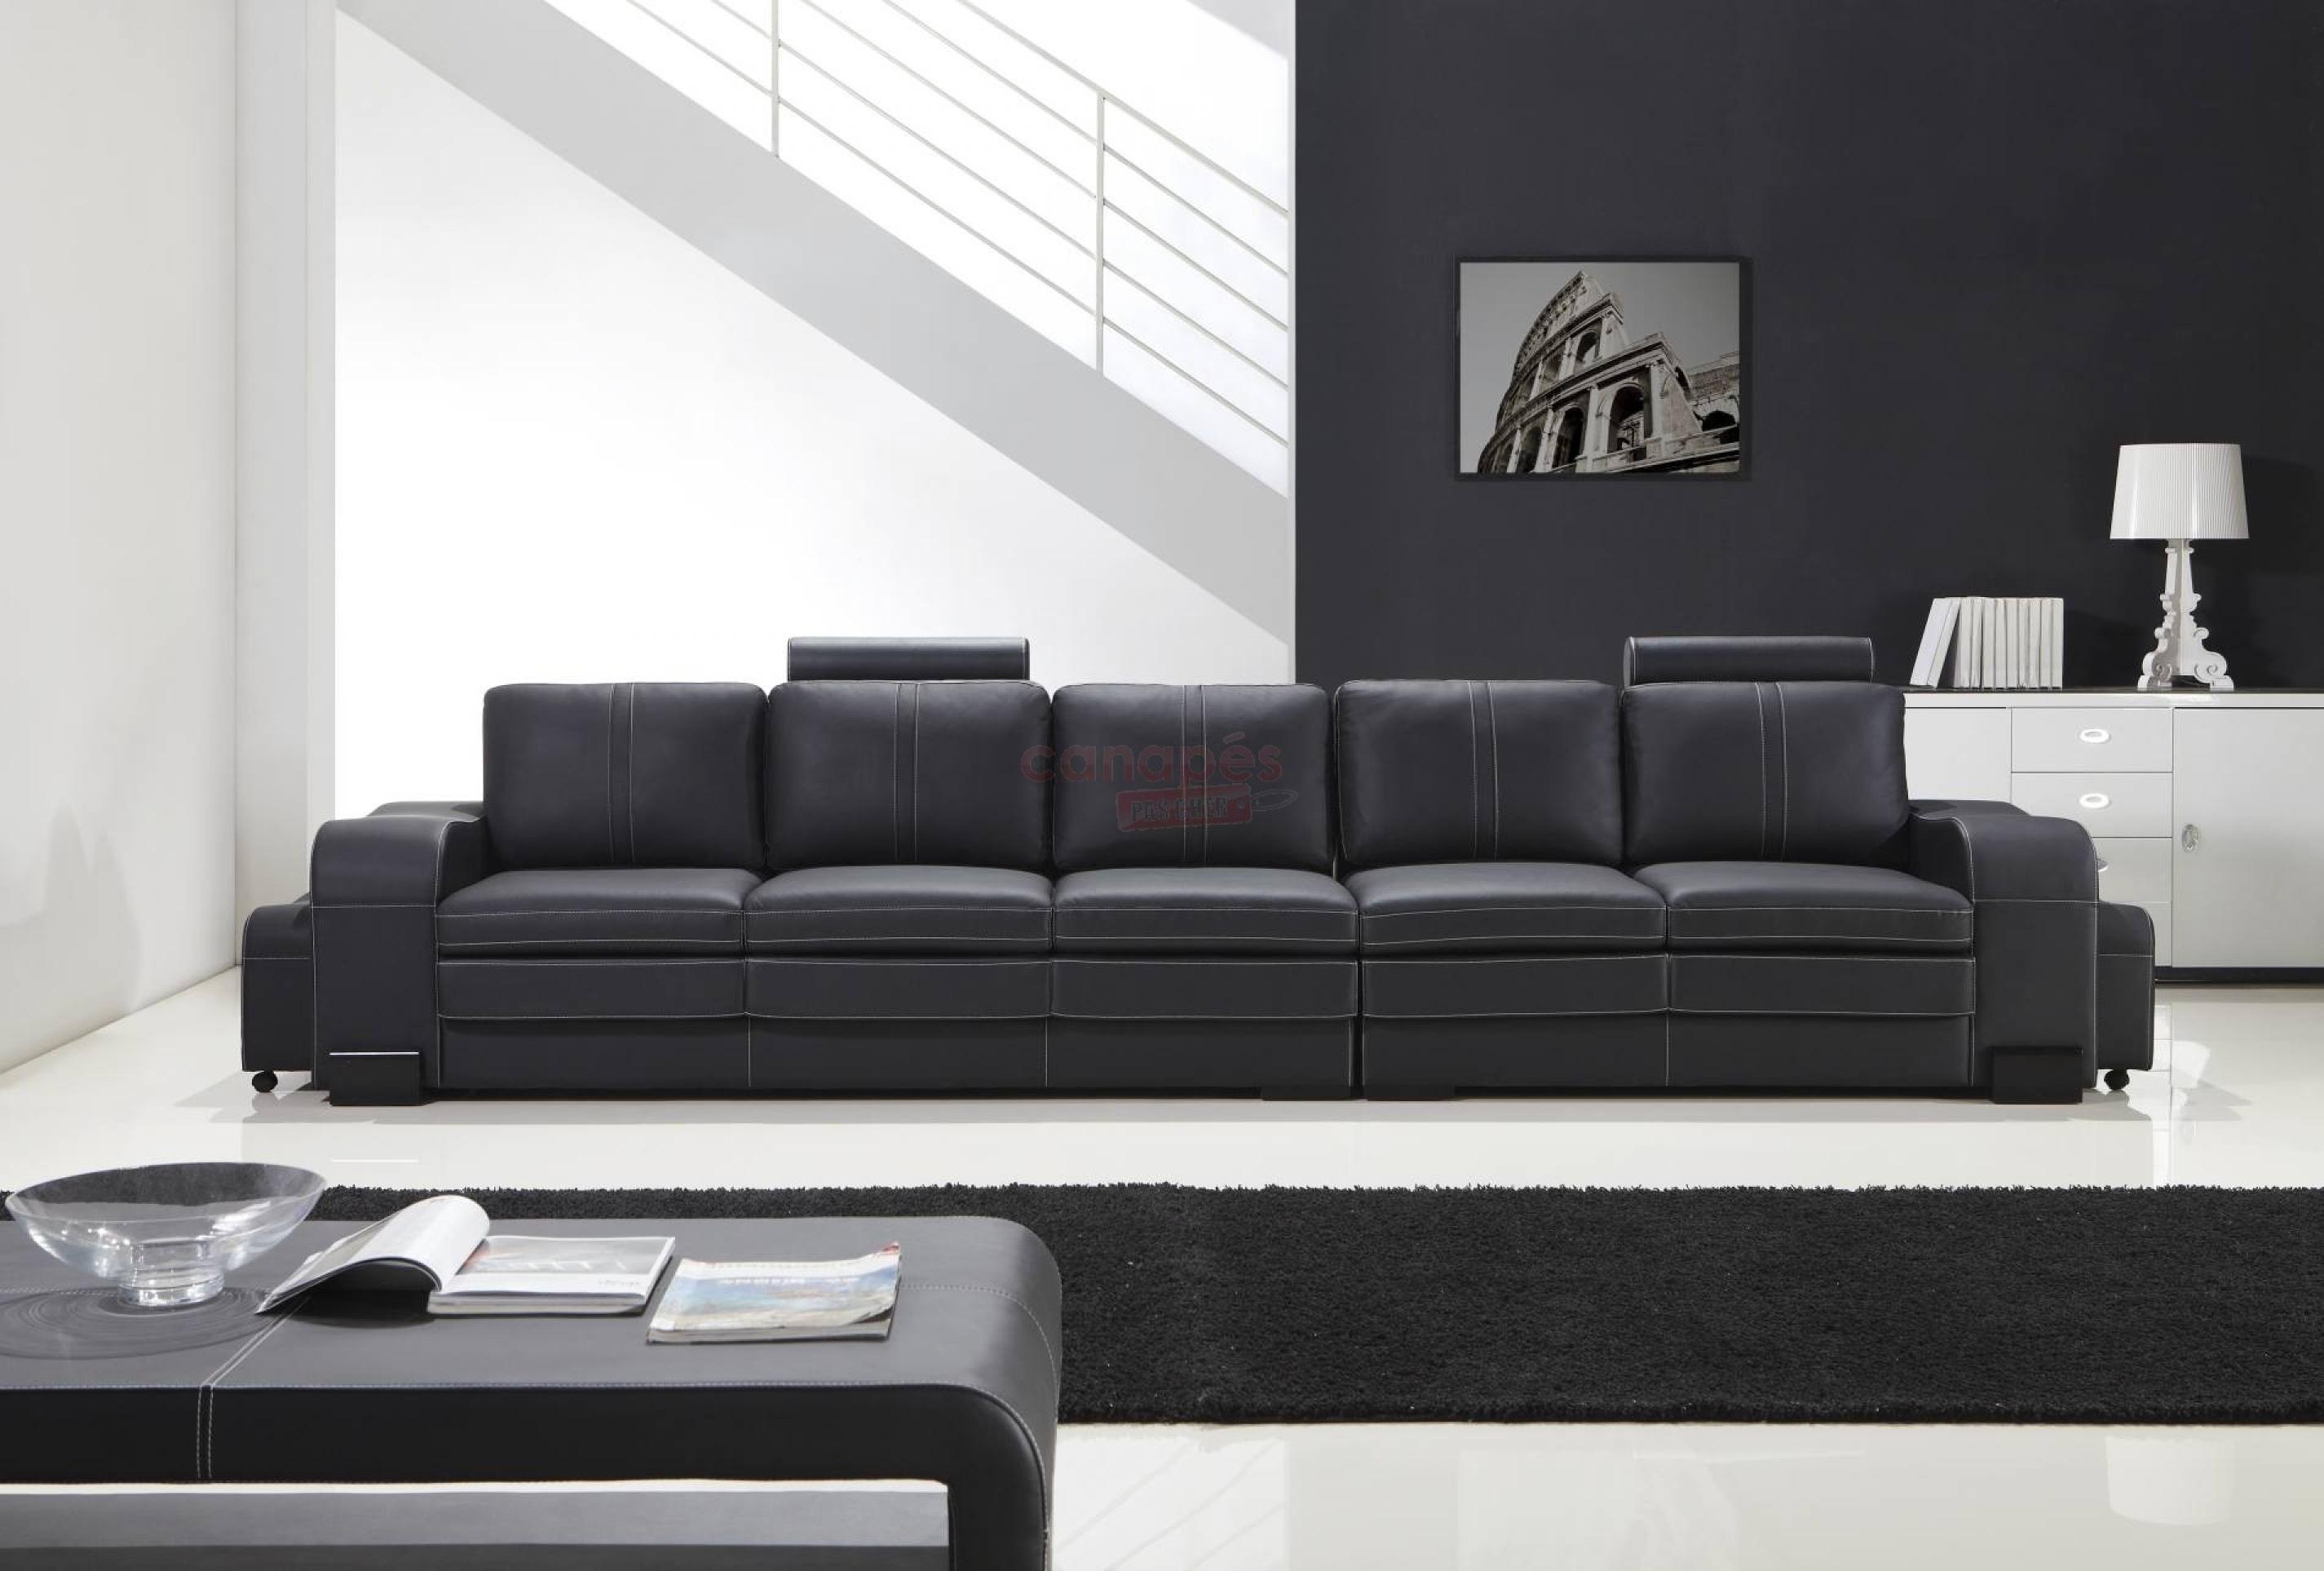 photos canap 5 places droit. Black Bedroom Furniture Sets. Home Design Ideas